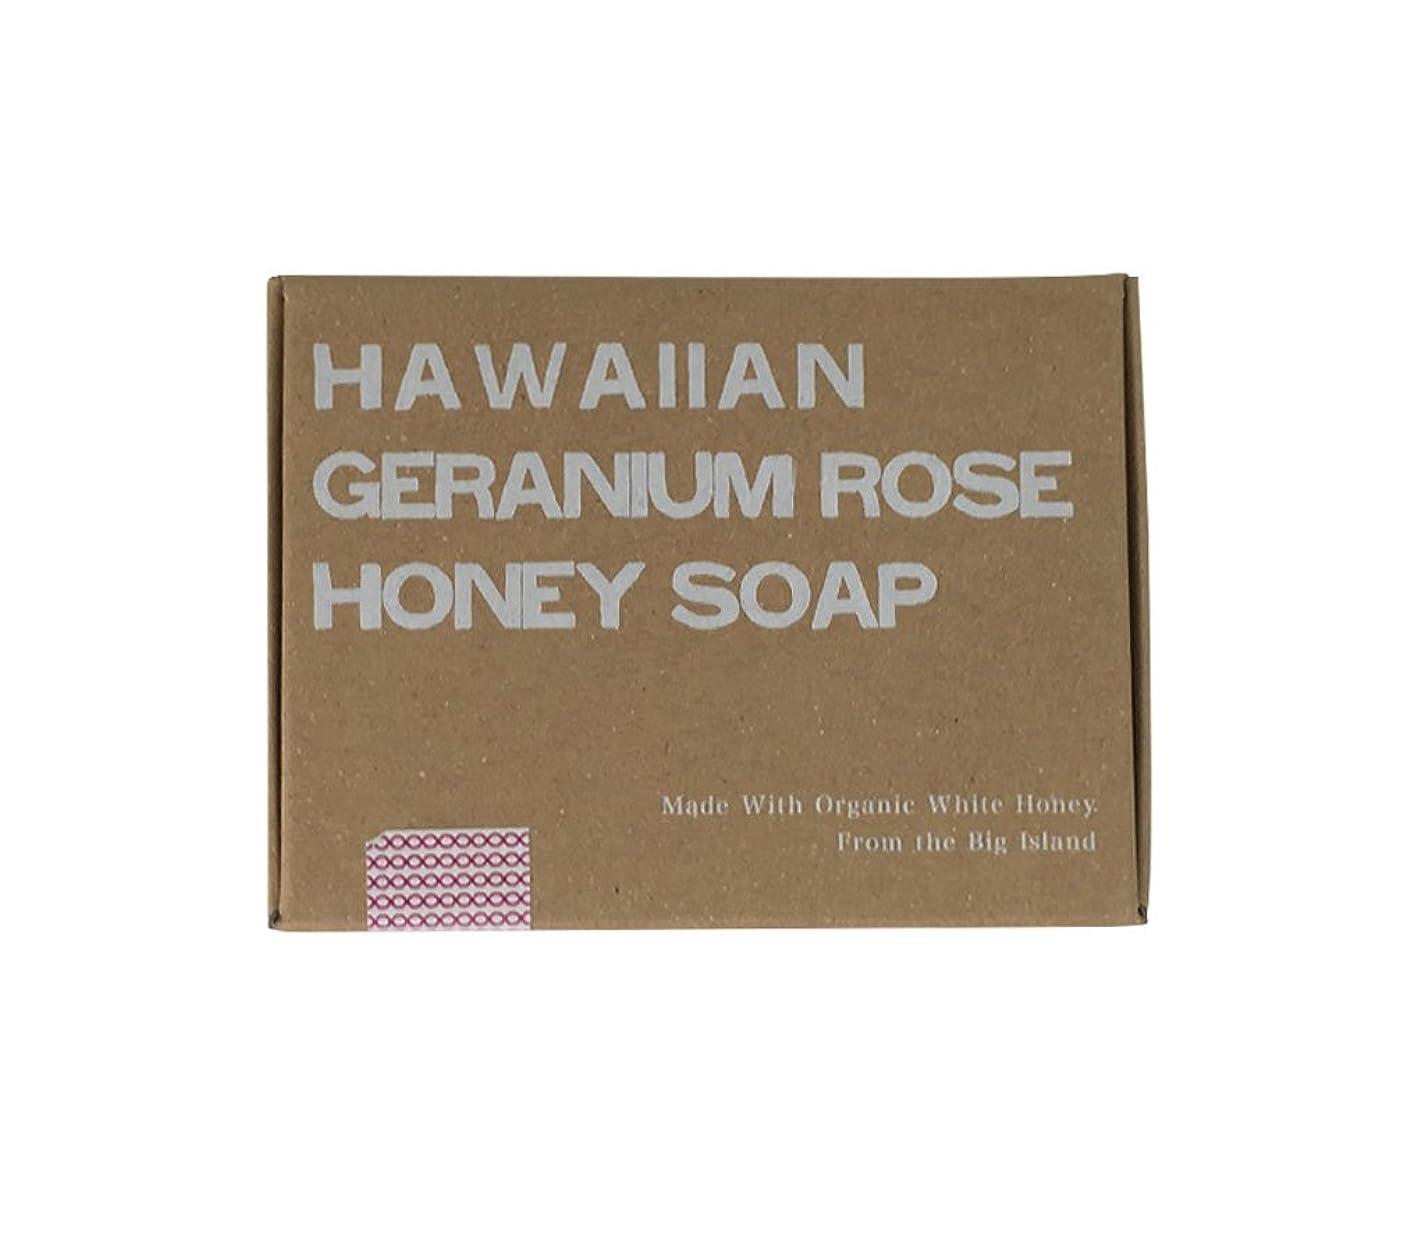 ヨーロッパにやにや花ホワイトハニーオーガニクス ハワイアン?ゼラニウムローズ?ハニーソープ (Hawaiian Geranium Rose Honey Soap)